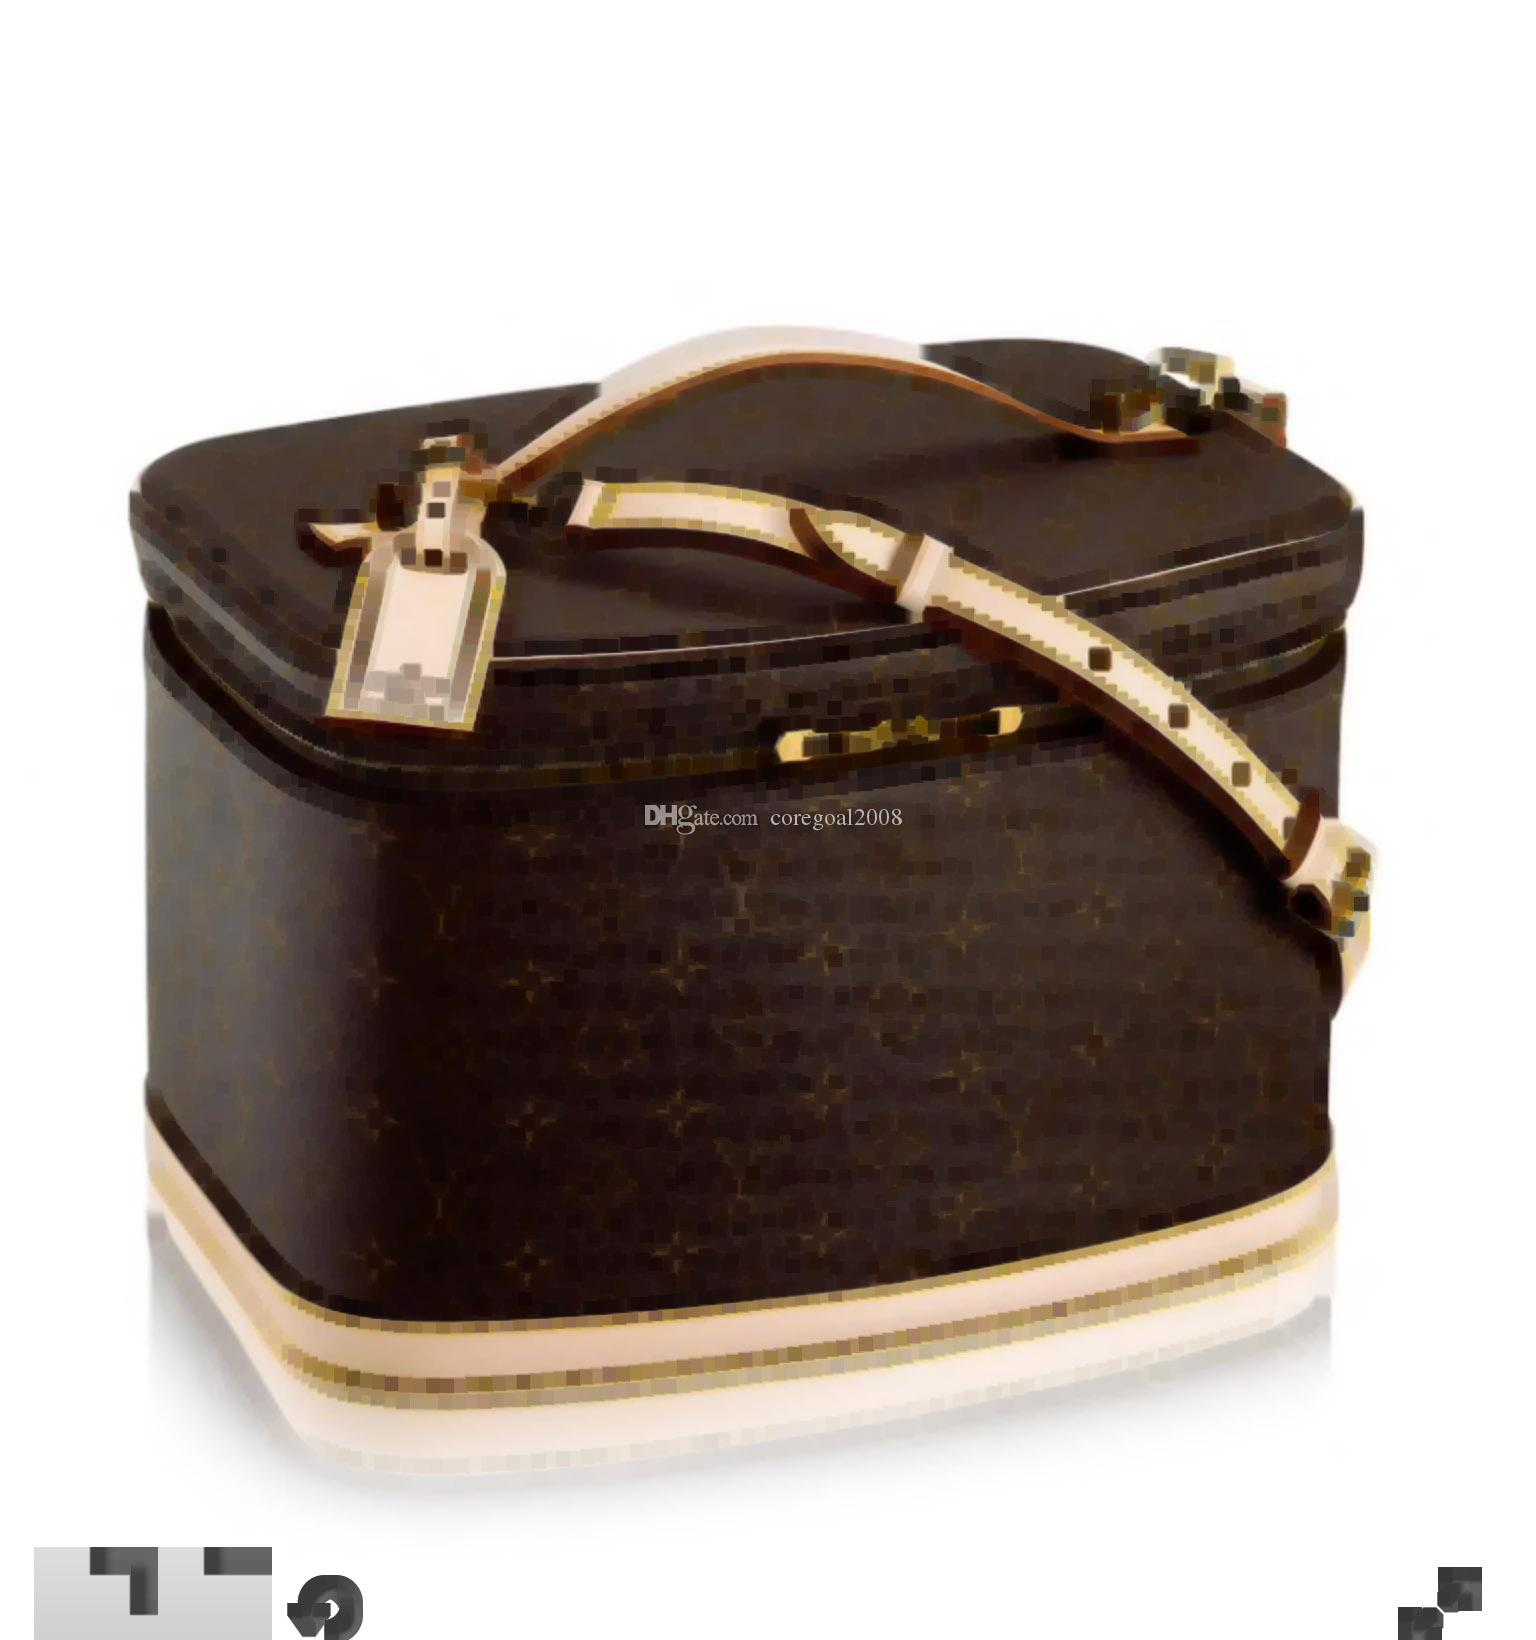 para mujer grande de viajes a Niza caja de cosméticos M47280 bolso de la caja monedero del totalizador del bolso del cuerpo de maquillaje CRUZ lujo M47515 M41439 M41114 M41348 N60024 N47516